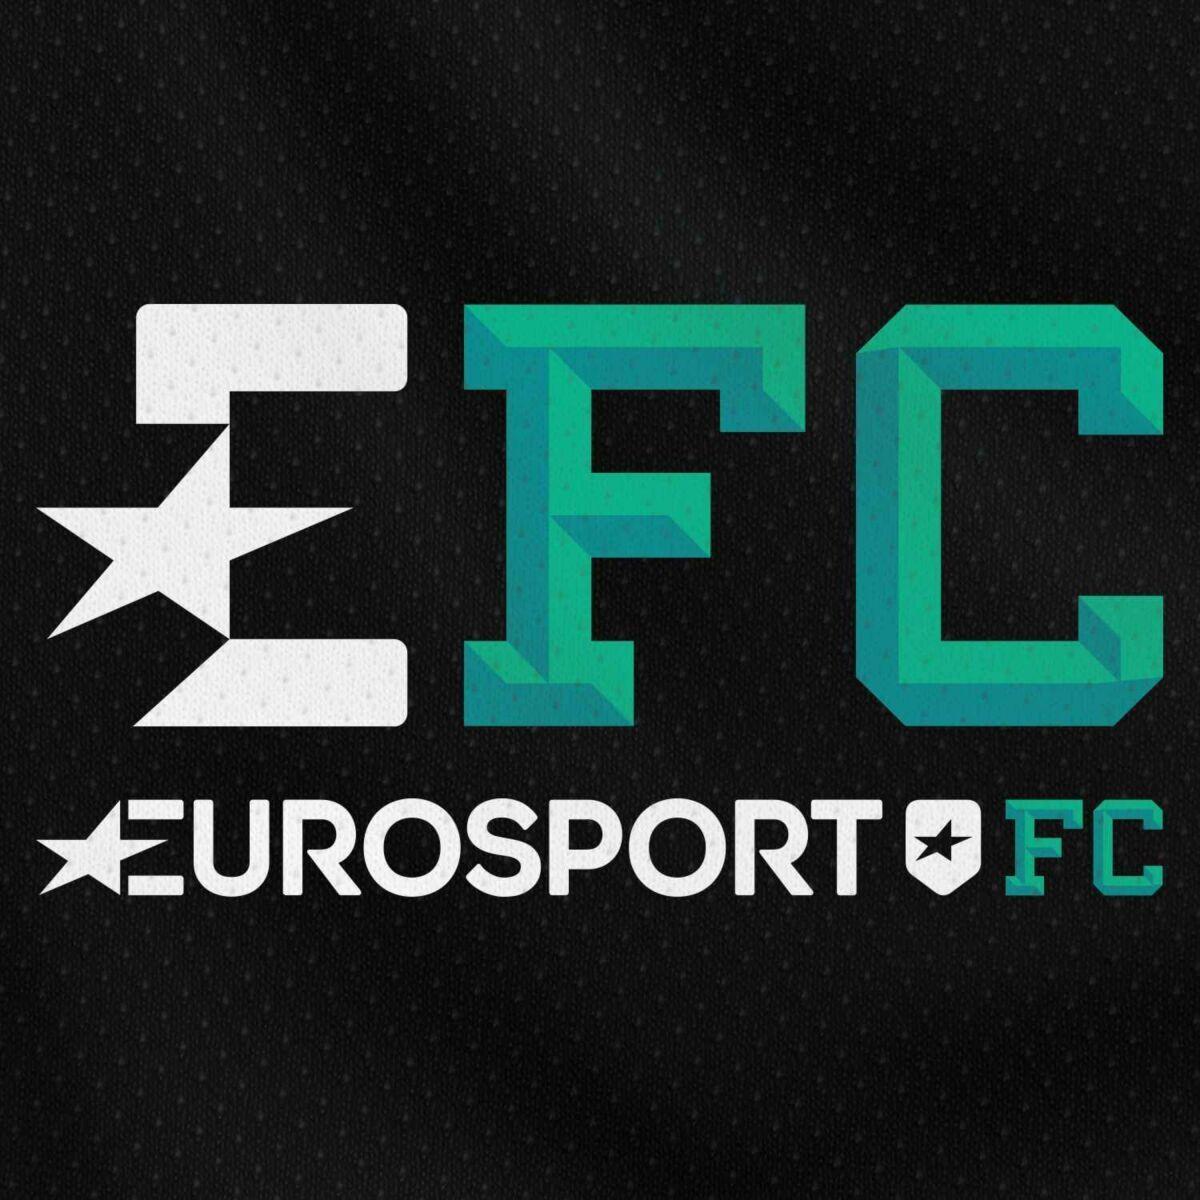 La Ligue 1 peut-elle disparaître ? La drôle de com' de Villas-Boas, Hazard : écoutez le podcast